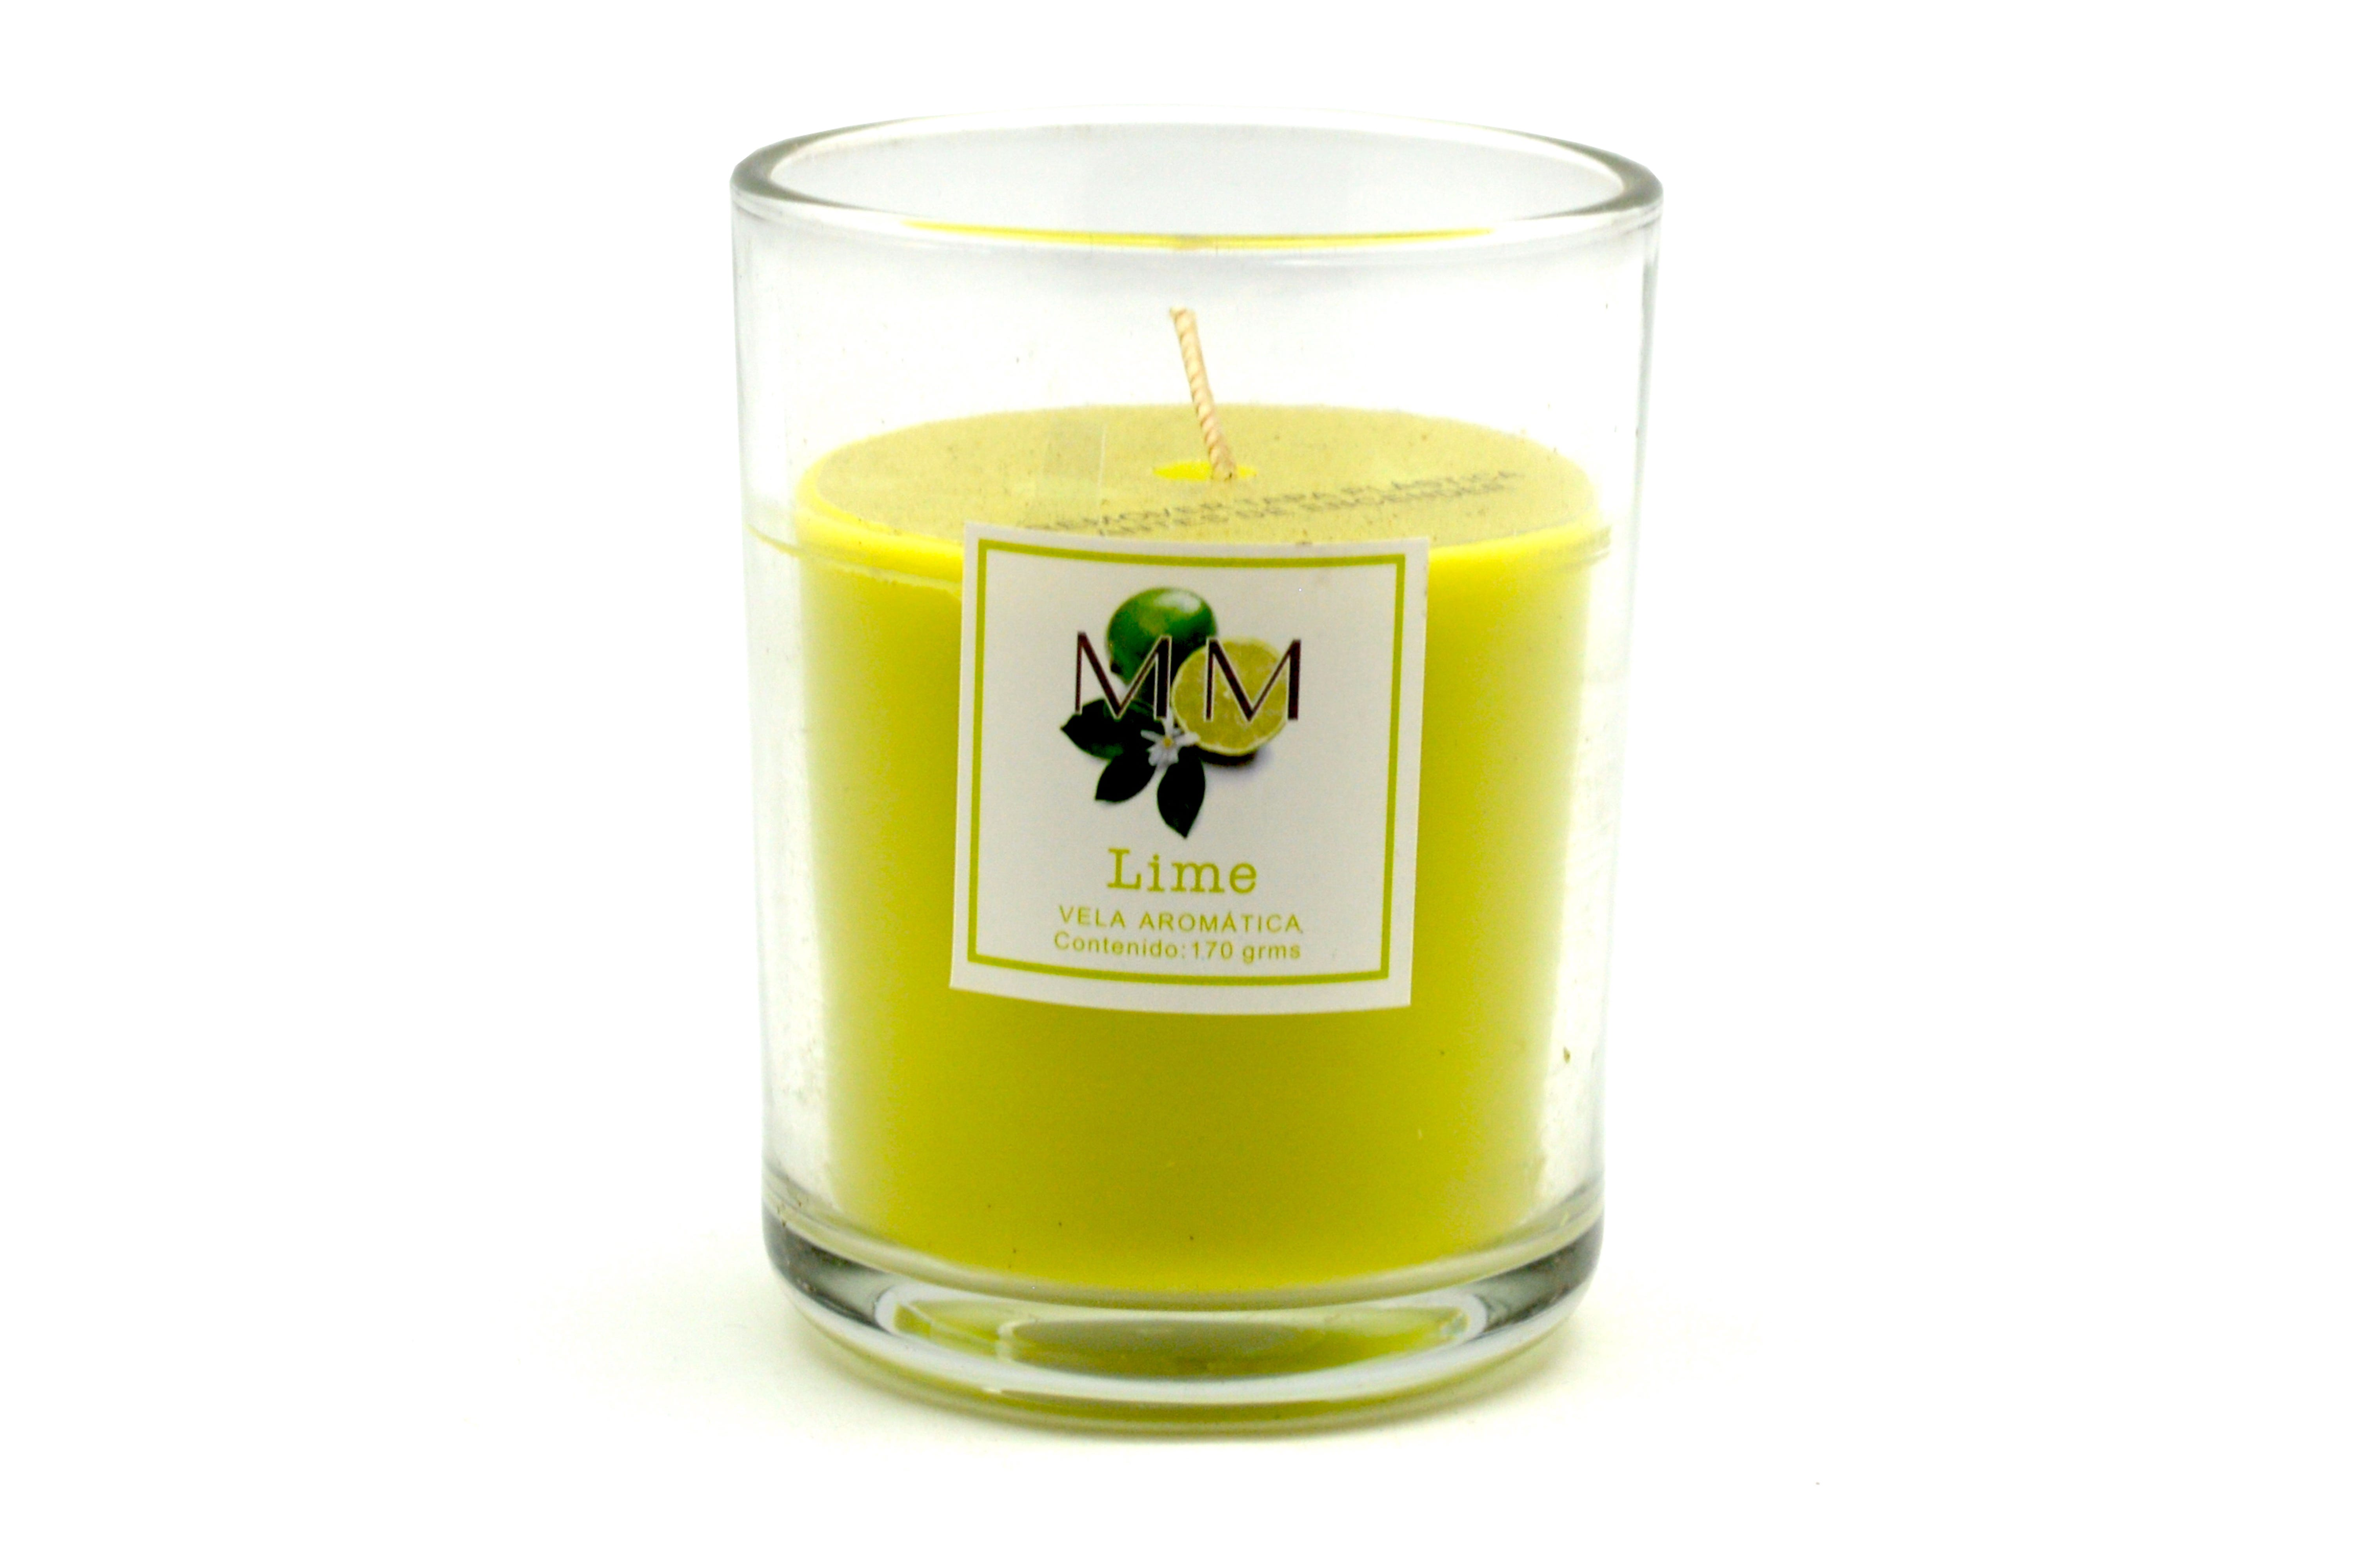 Vela en vaso MM aroma lima, 170 g